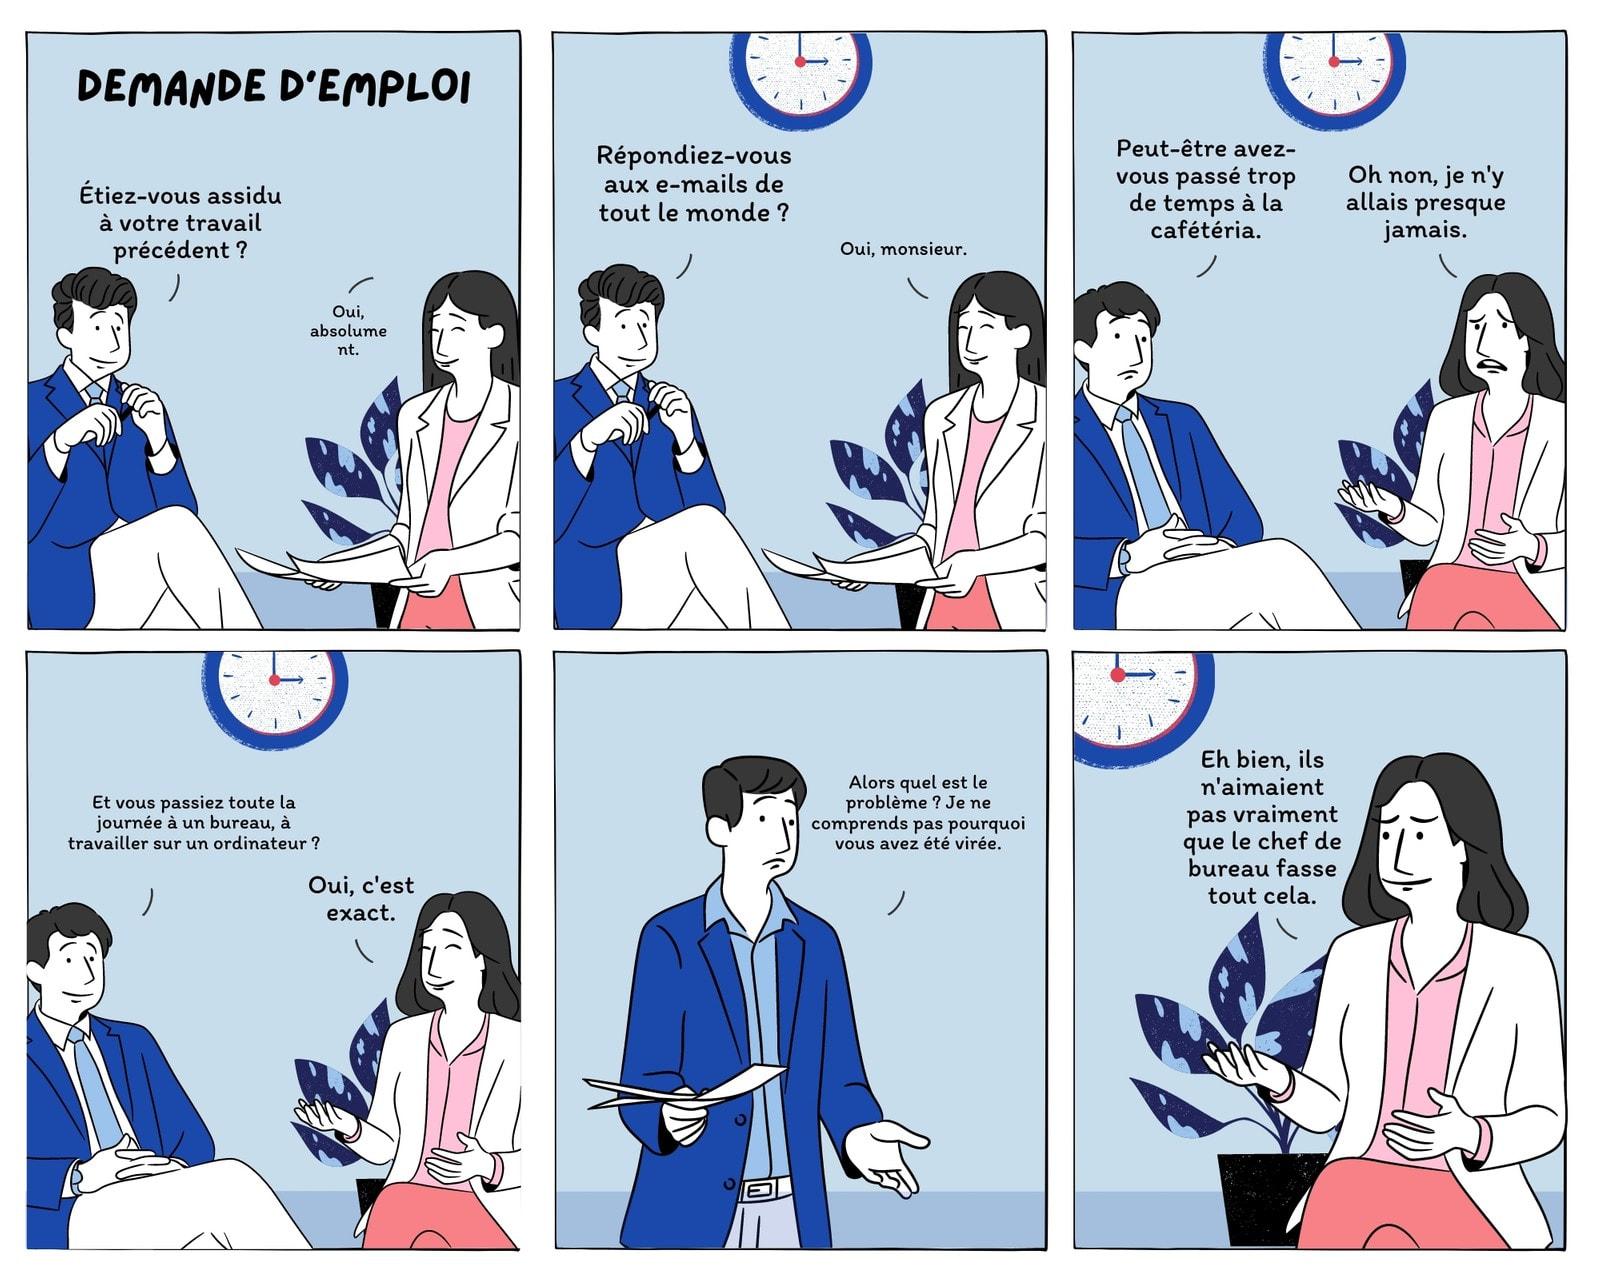 Bleu Demande d'Emploi Bureau 6 Panneaux Bande Dessinée